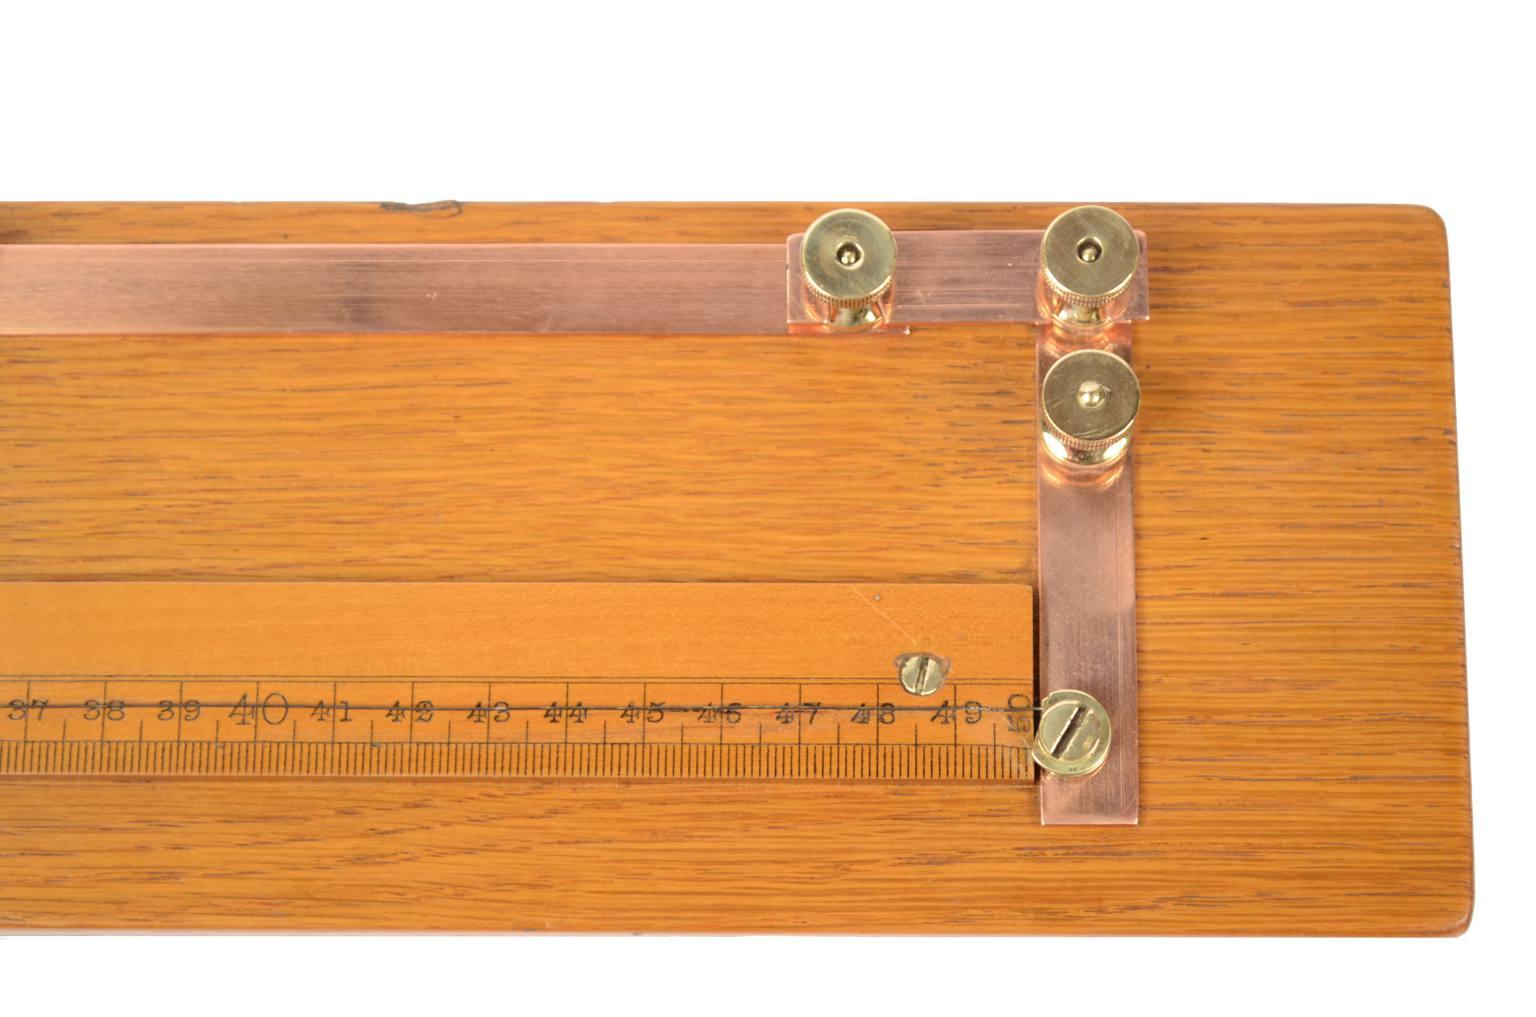 Strumenti di misura antichi/A155-Misuratore di resistenze